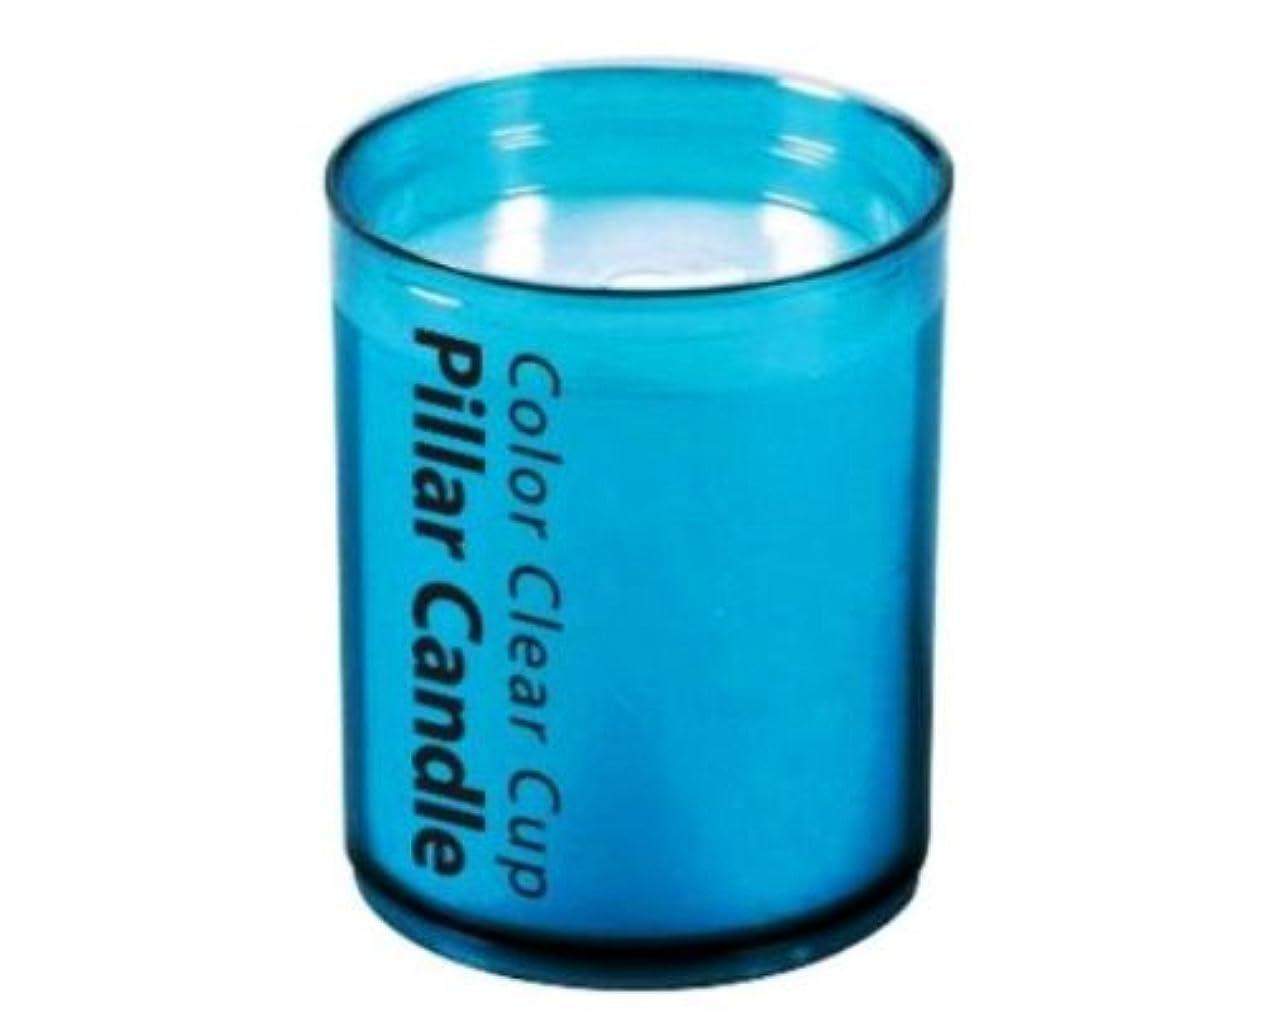 貯水池シール叫び声カメヤマ カラークリアカップピラー3インチ ブルー